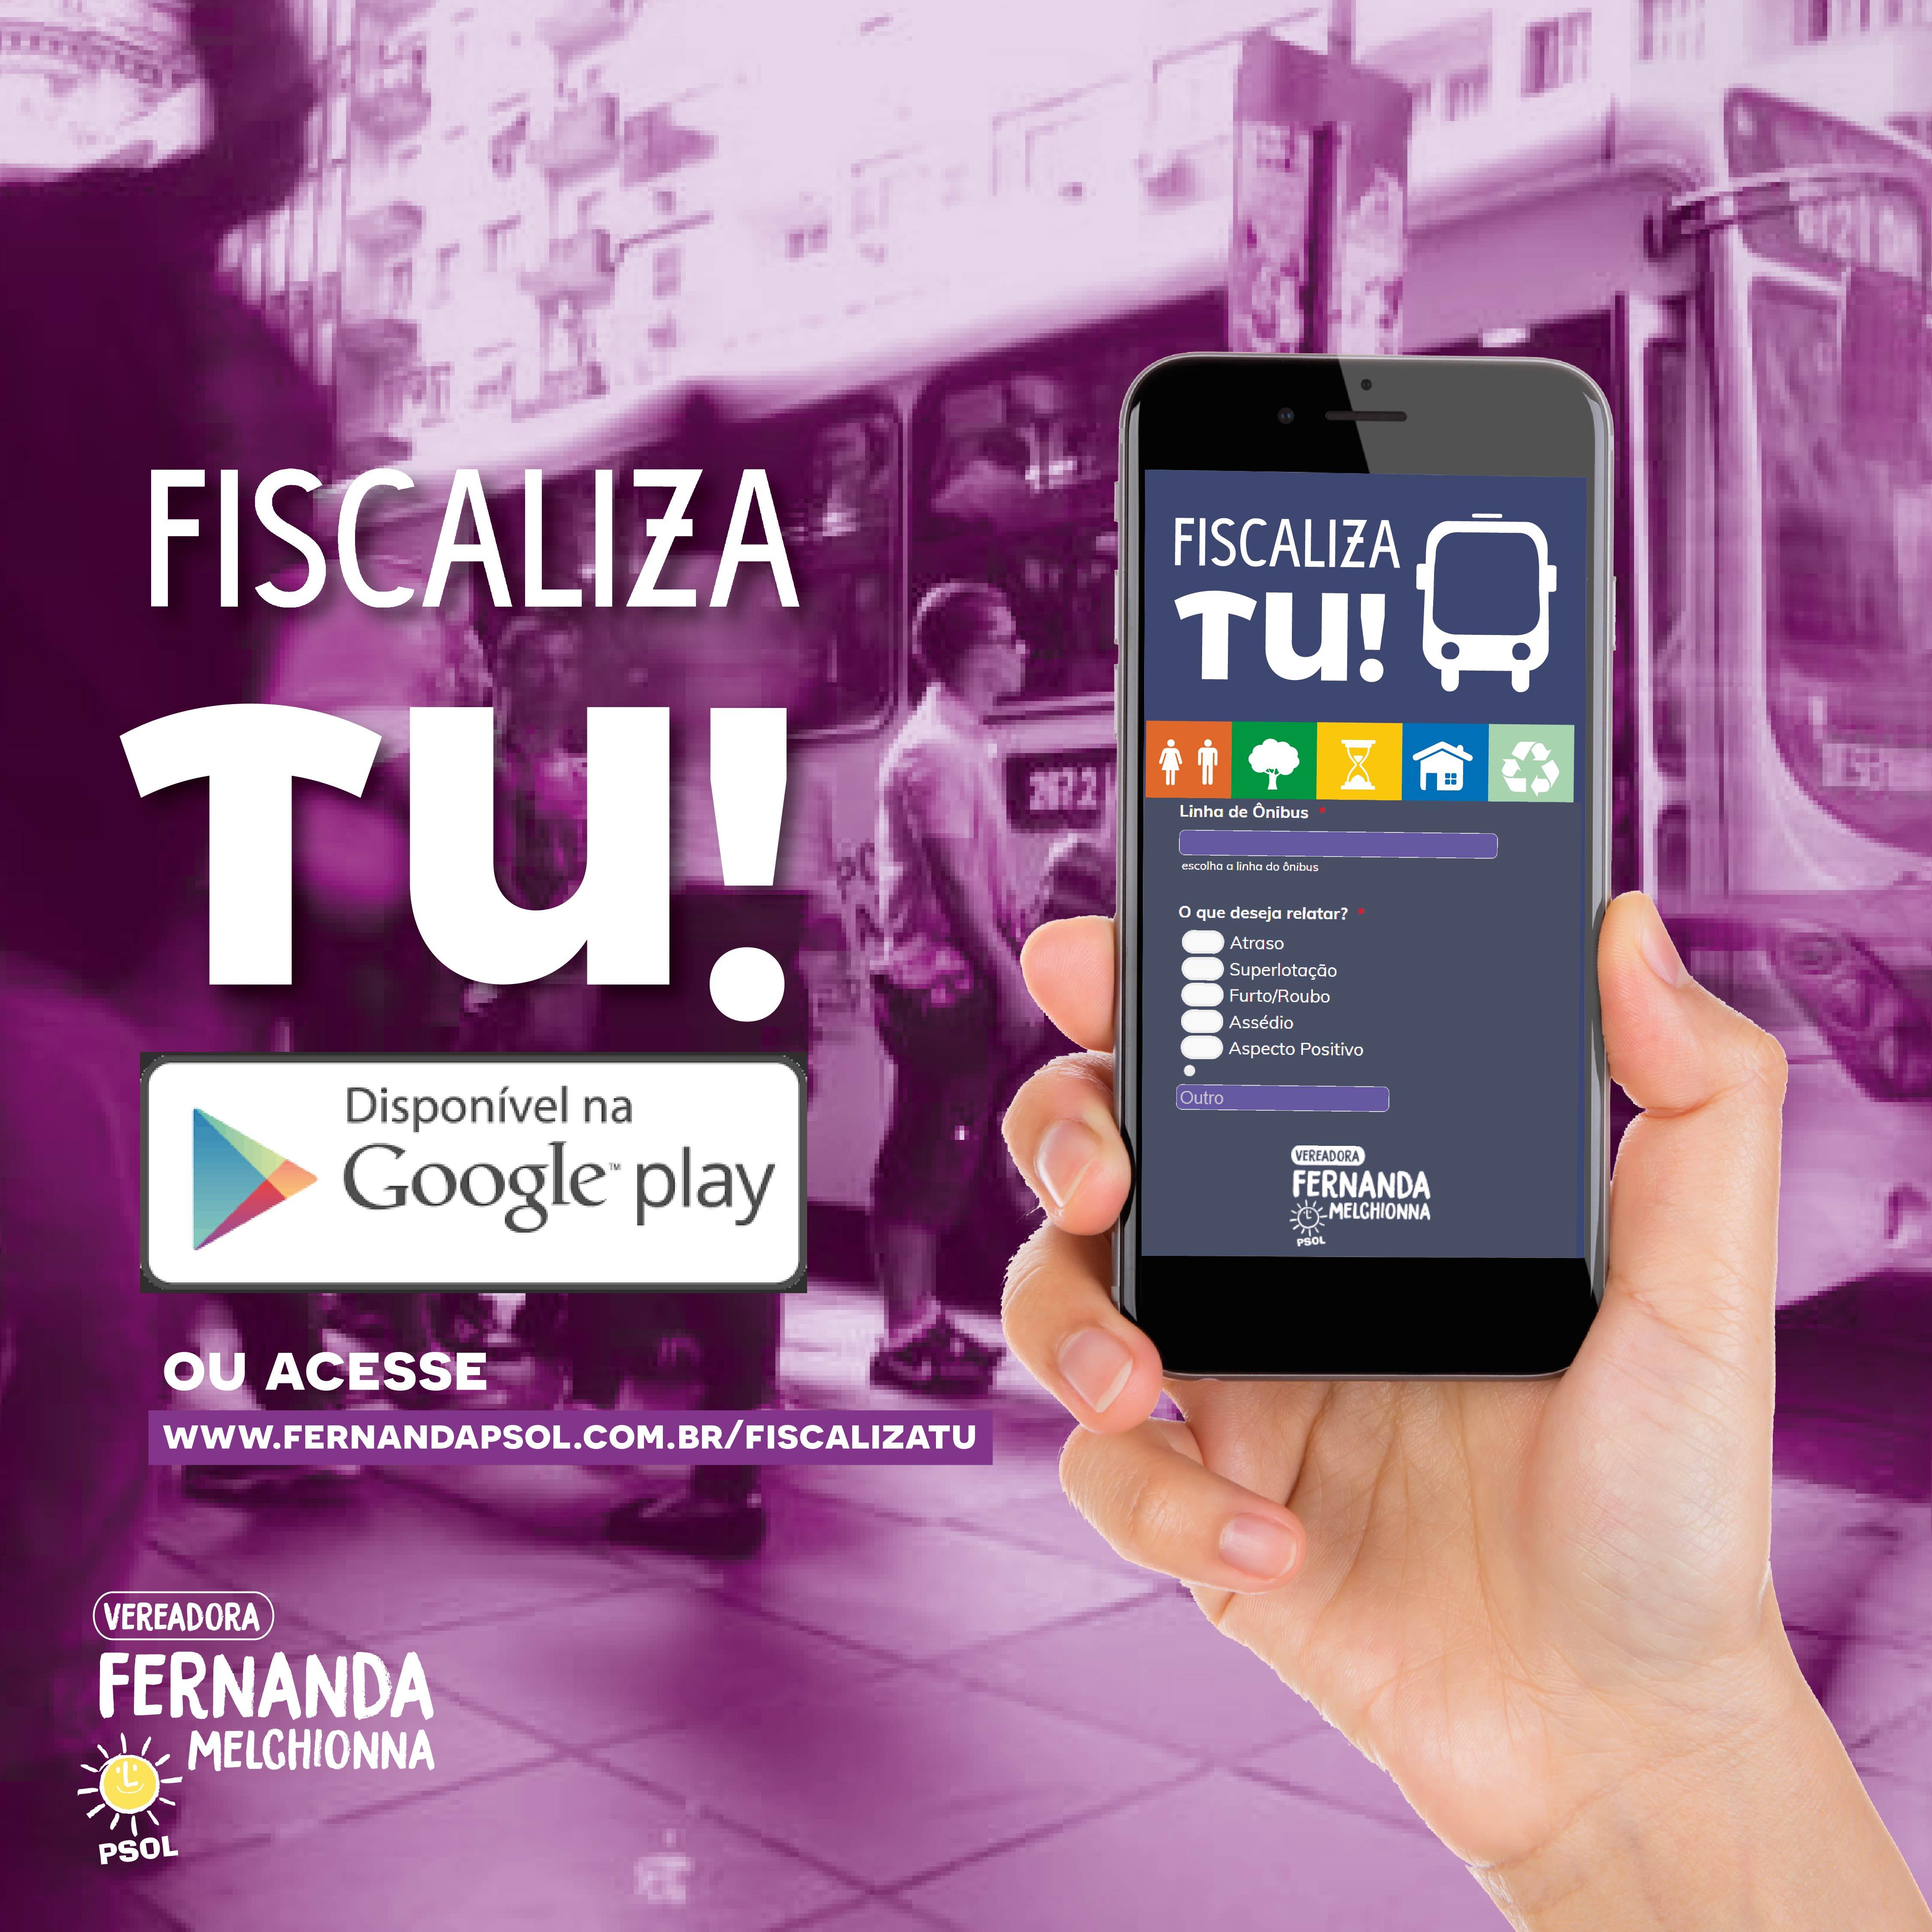 Estatística semestral do aplicativo Fiscaliza Tu será apresentada em coletiva de imprensa